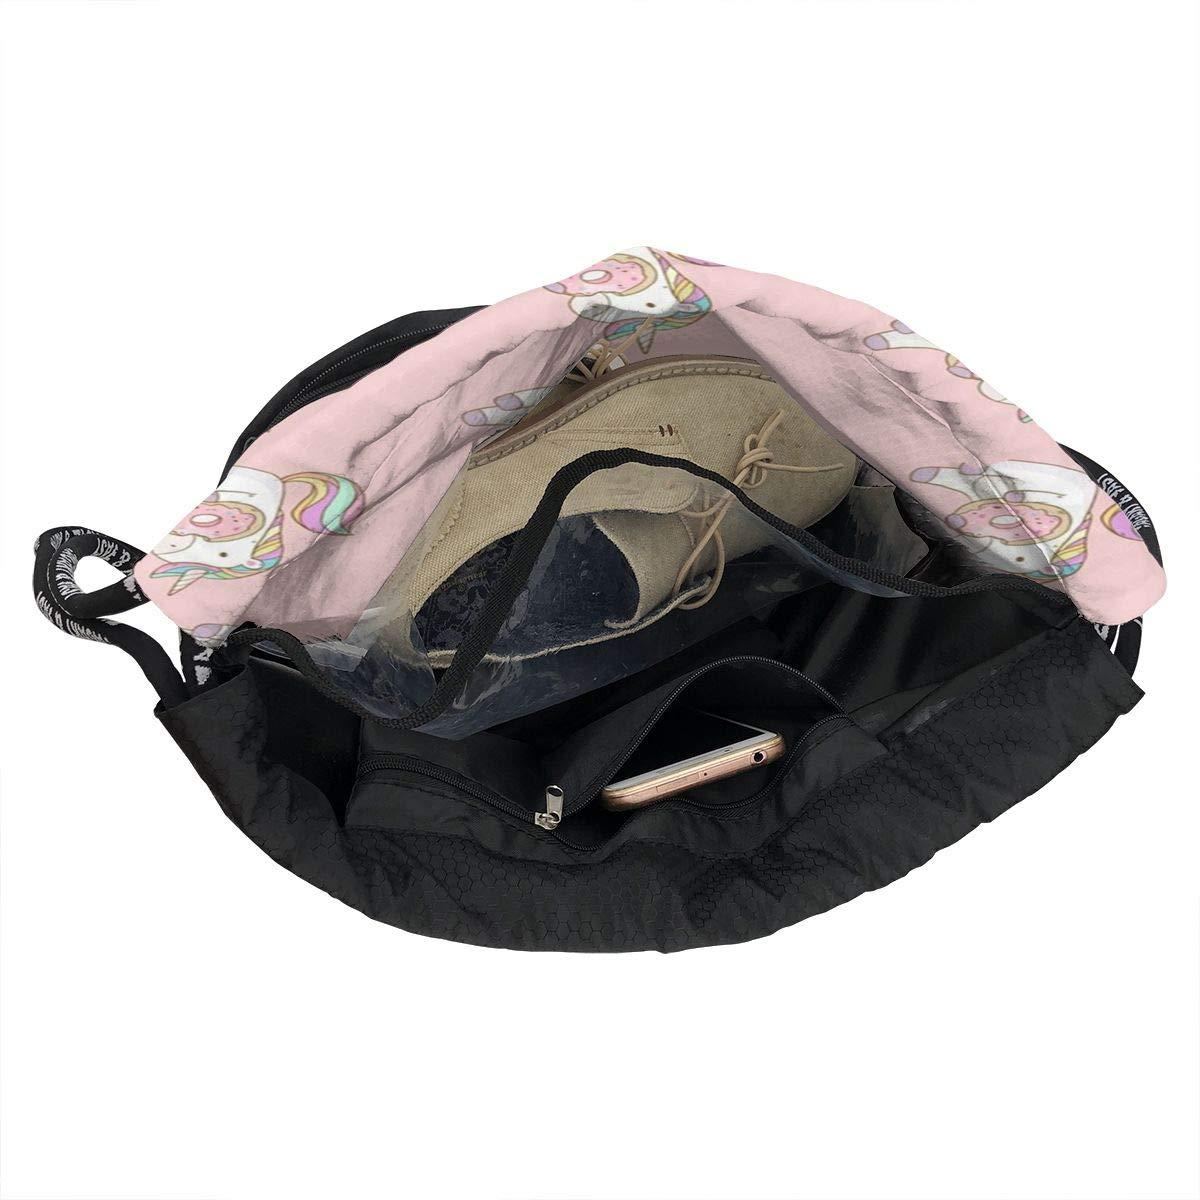 HUOPR5Q Unicorn Eating Cookie Drawstring Backpack Sport Gym Sack Shoulder Bulk Bag Dance Bag for School Travel